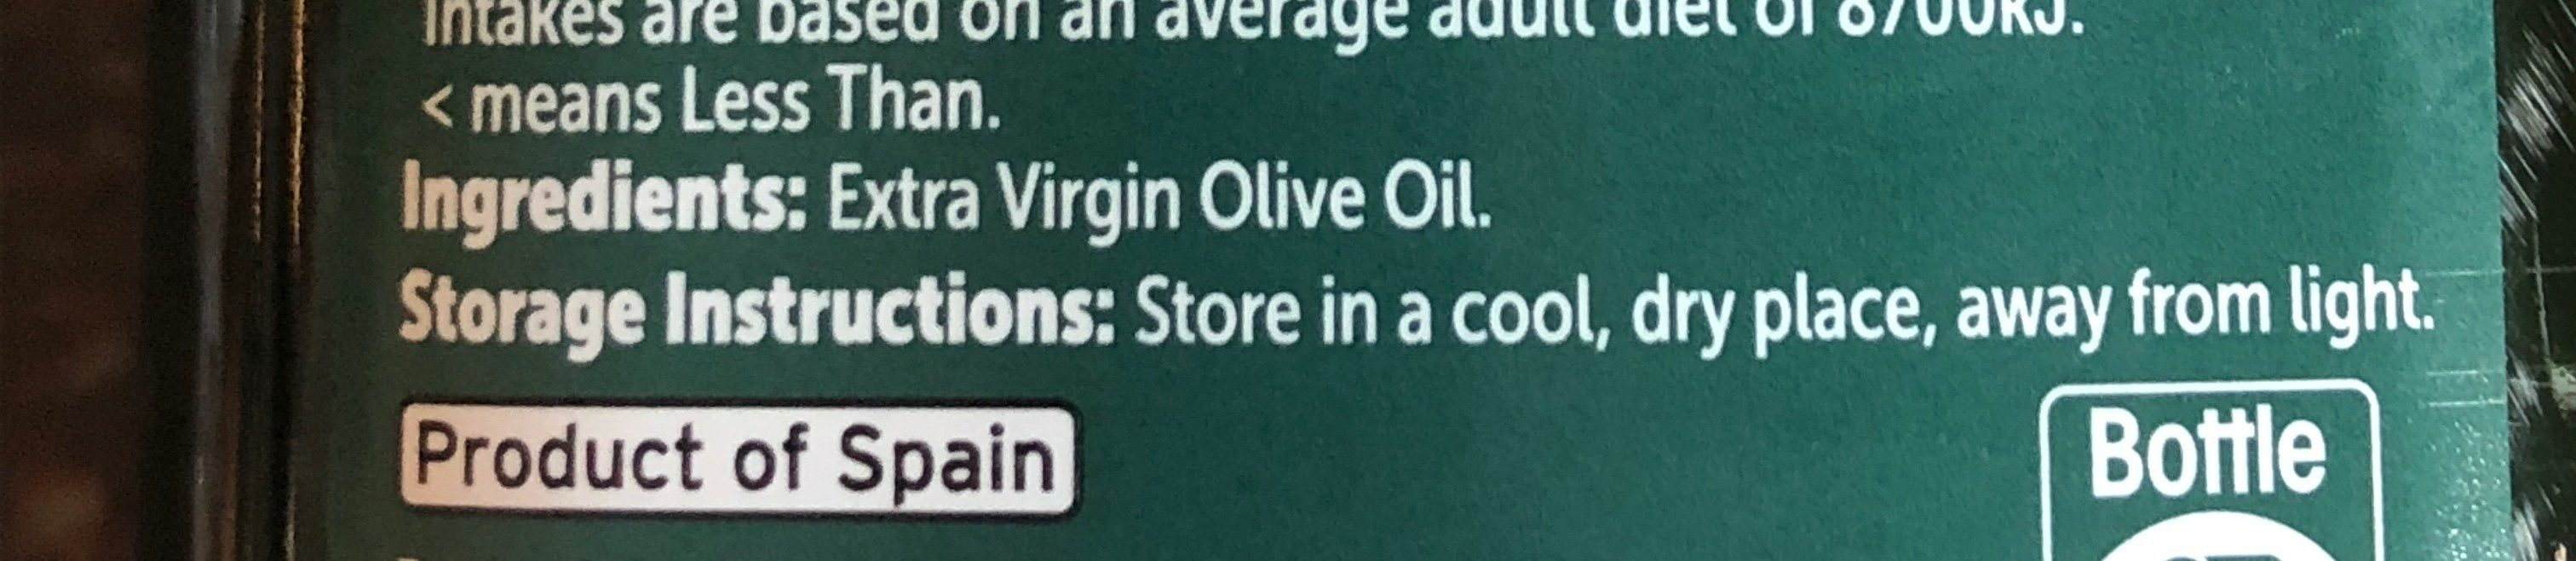 Extra virgin olive oil - Ingredients - fr